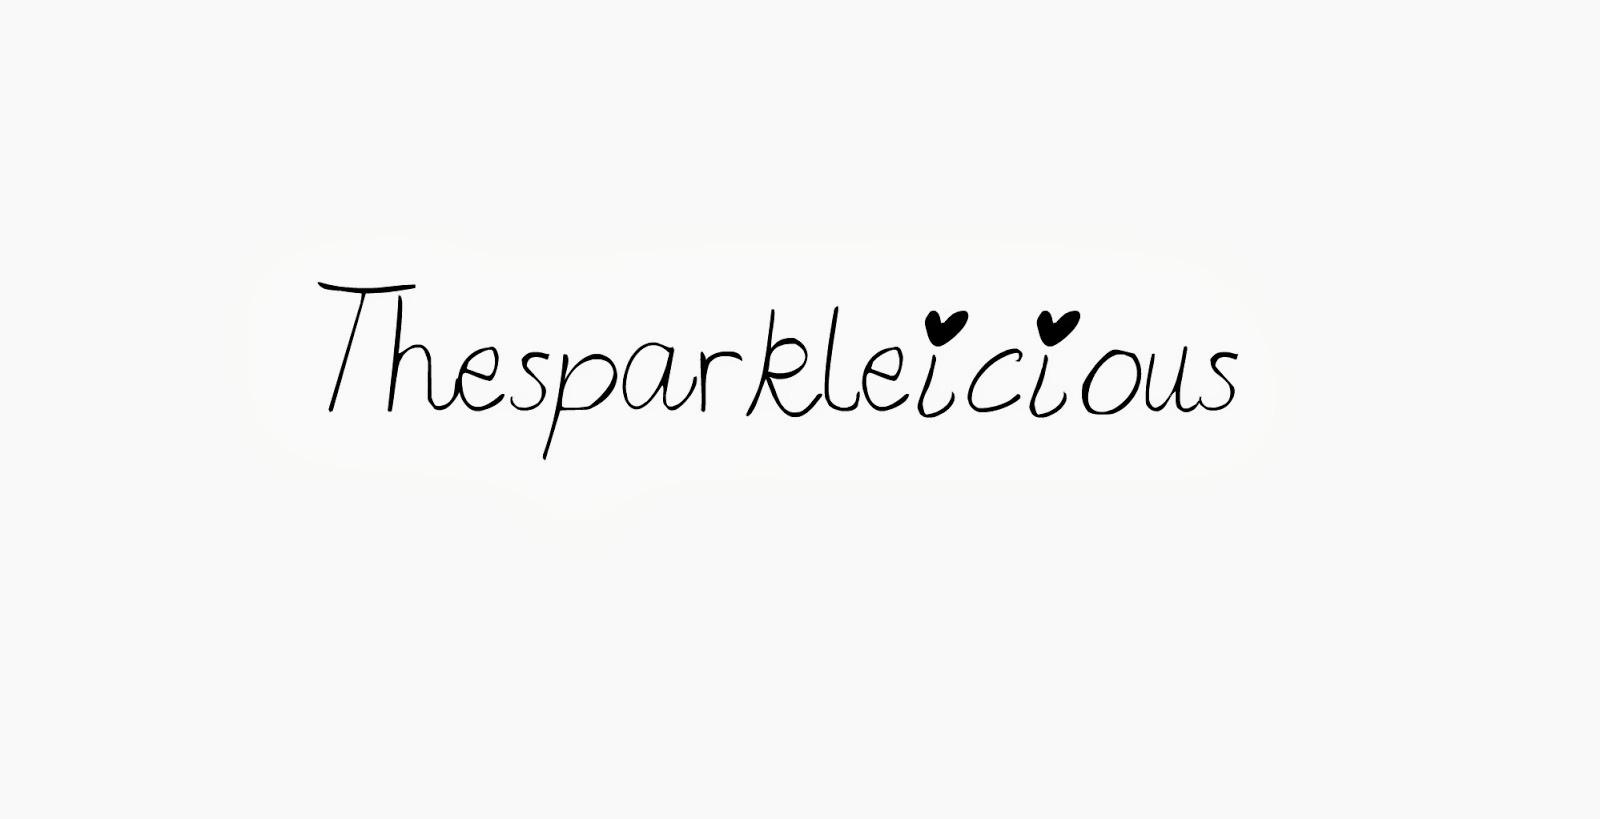 thesparkleicious